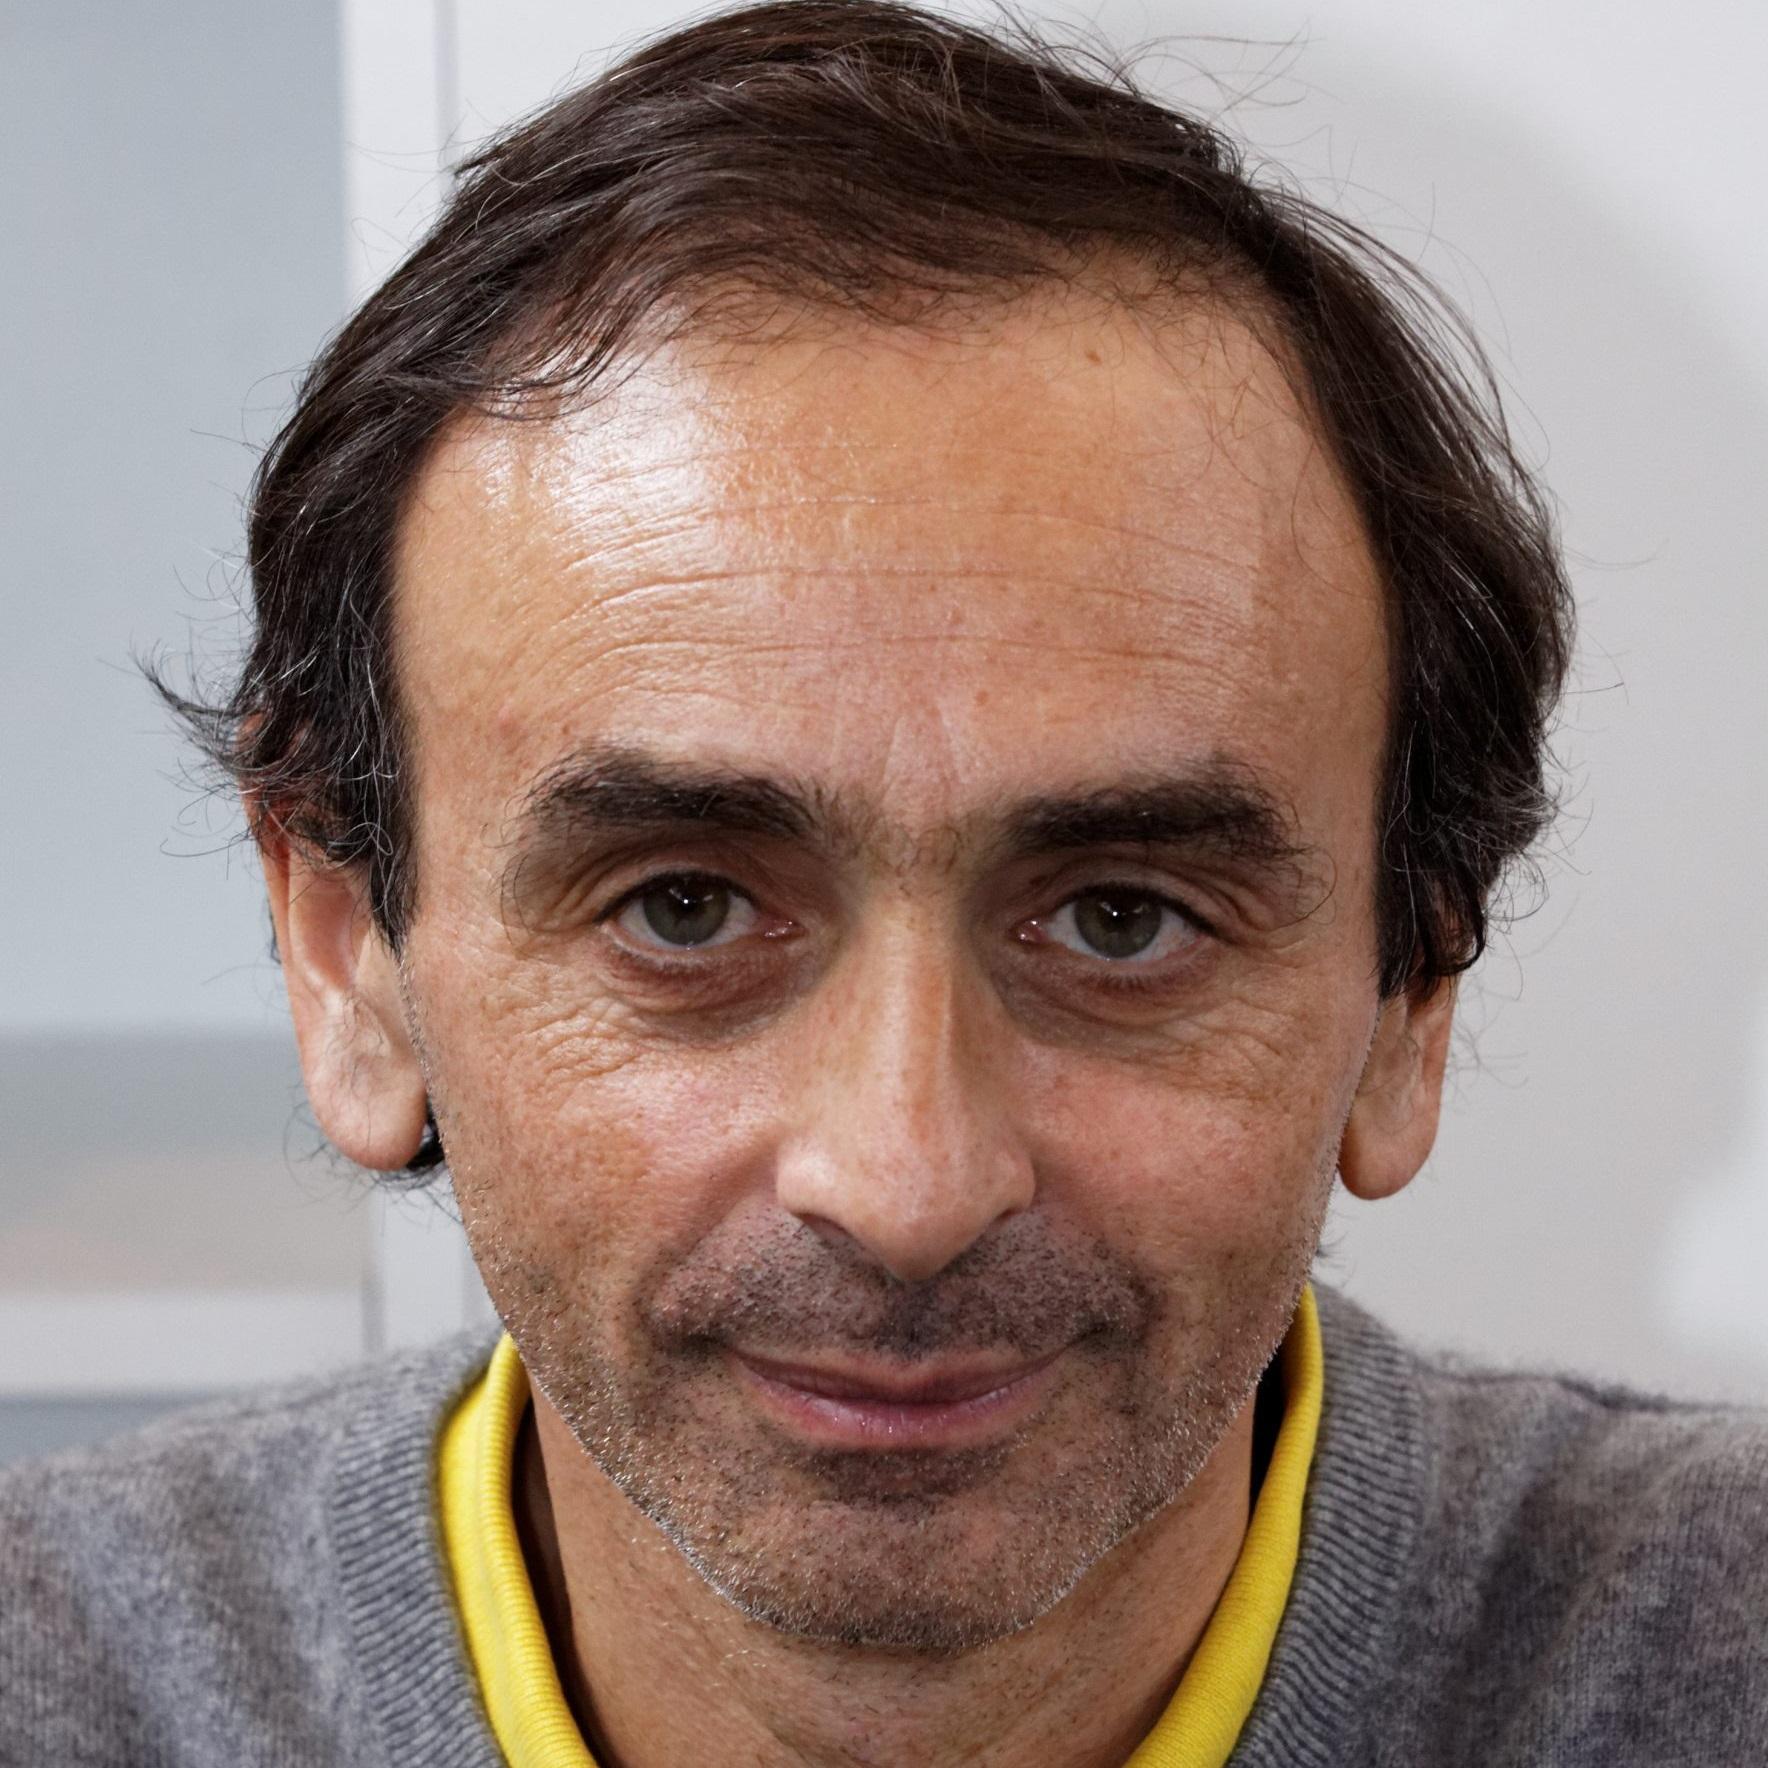 candidature d'Éric Zemmour